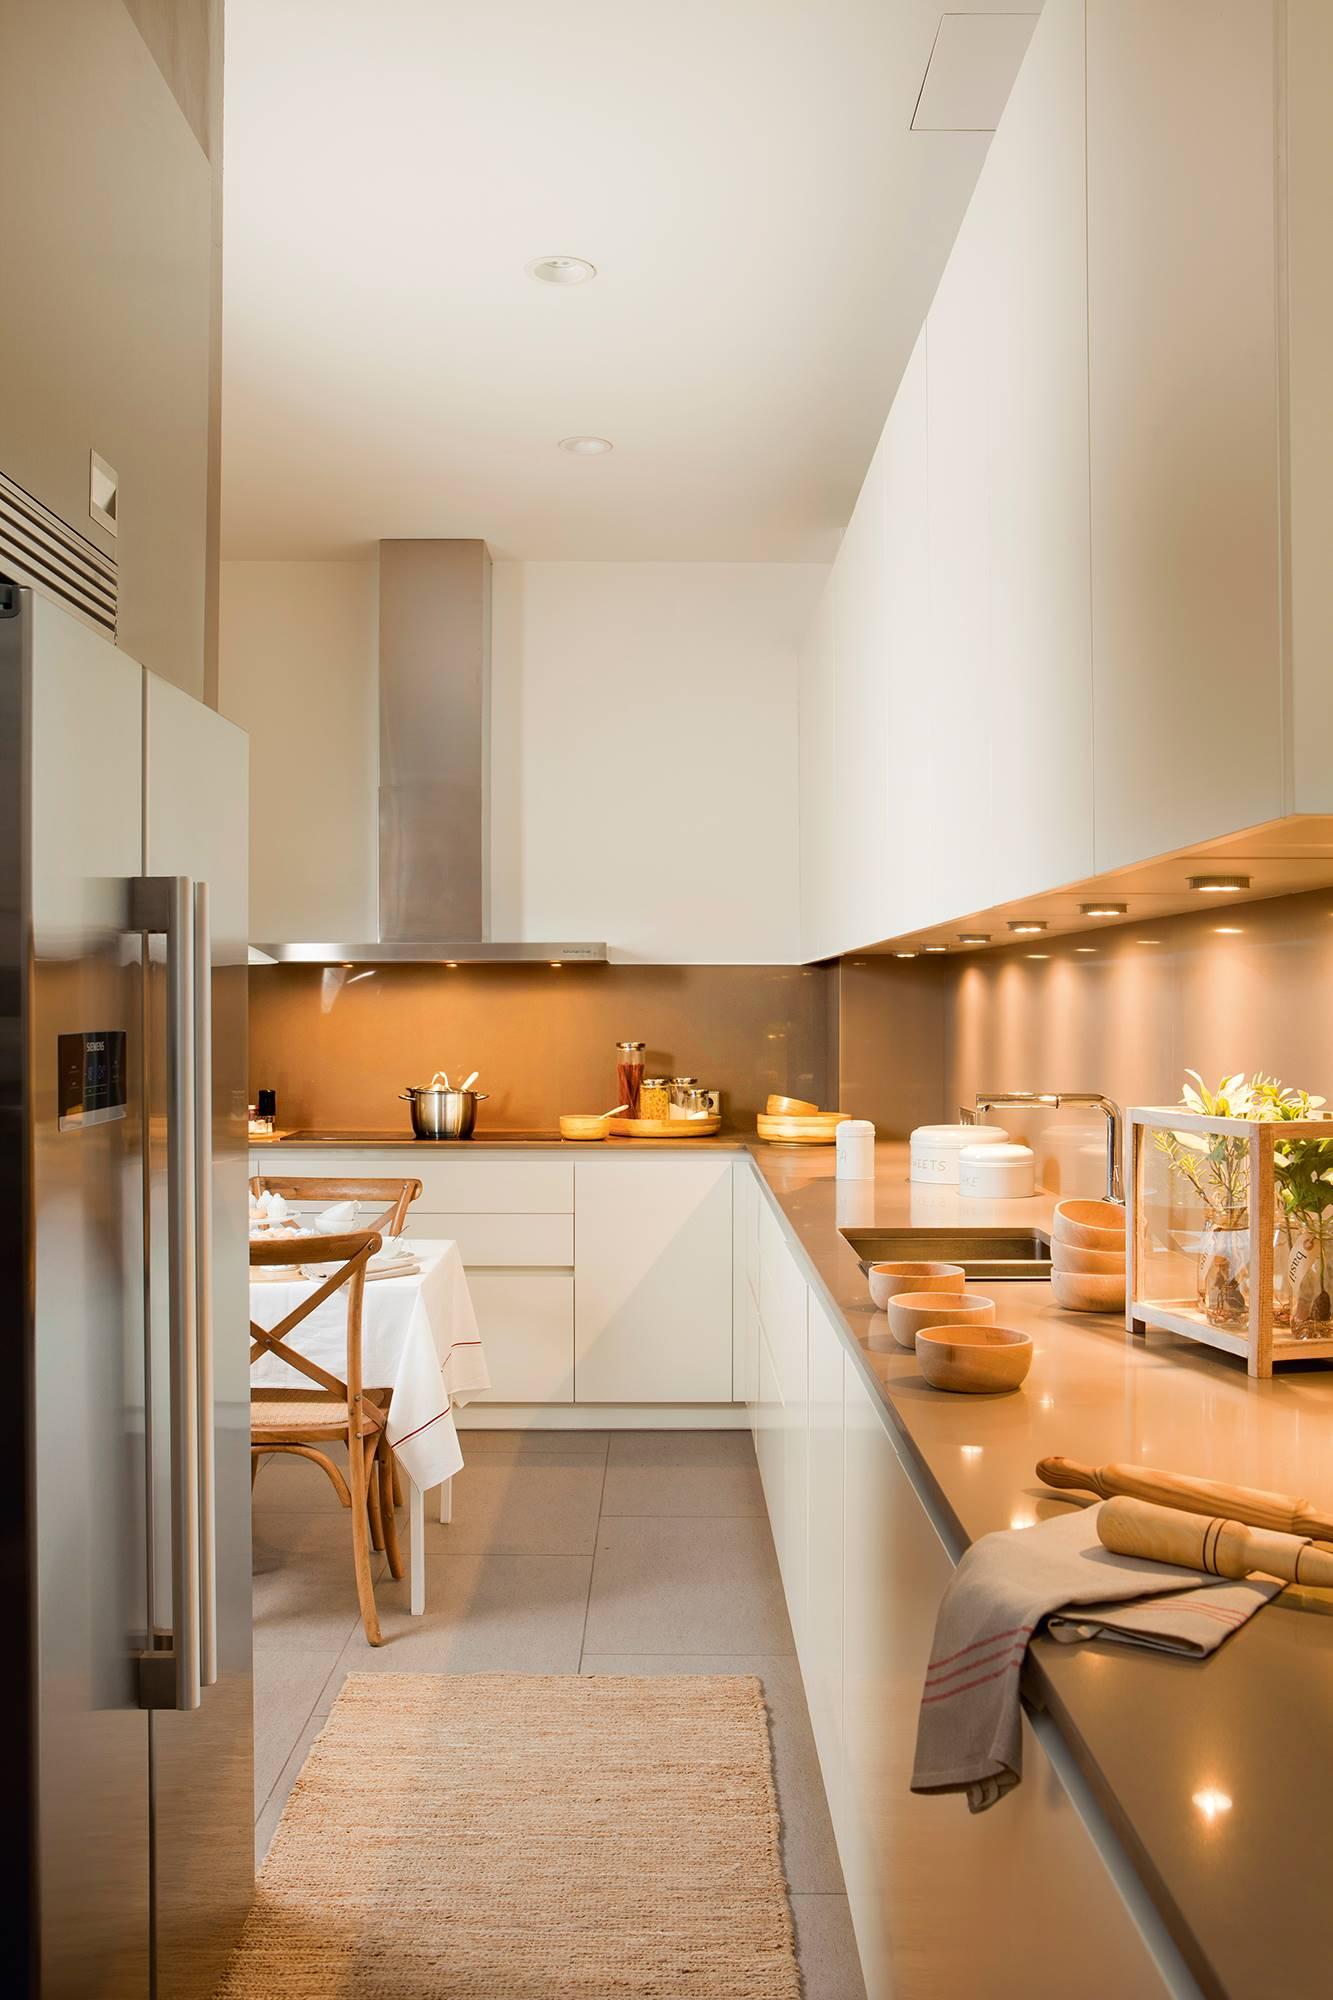 Cocina con muebles de cocina en blanco_ 00394857. El frente del mismo material que la encimera